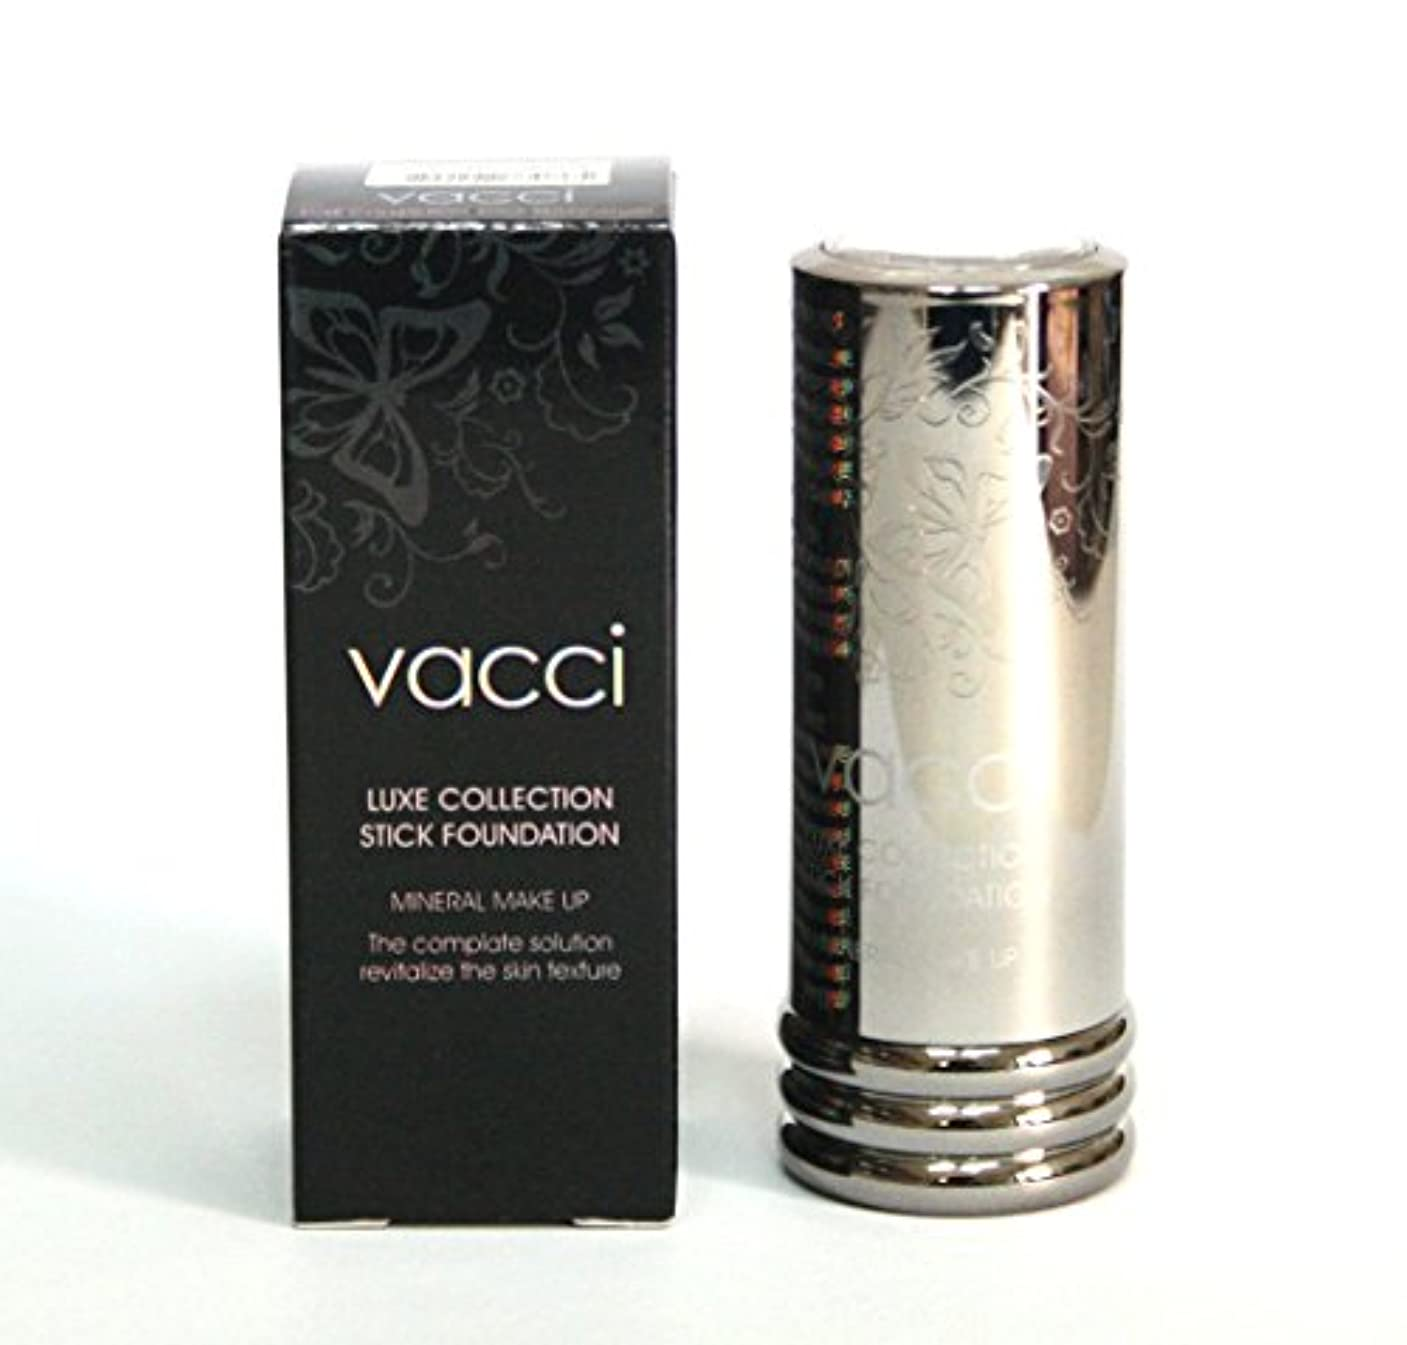 ハイジャック連鎖精通した[VACCI] スティックファンデーション13g / LUXE COLLECTION Stick Foundation 13g / に皮脂コントロール / sebum control / #33ダークベージュ / #33...